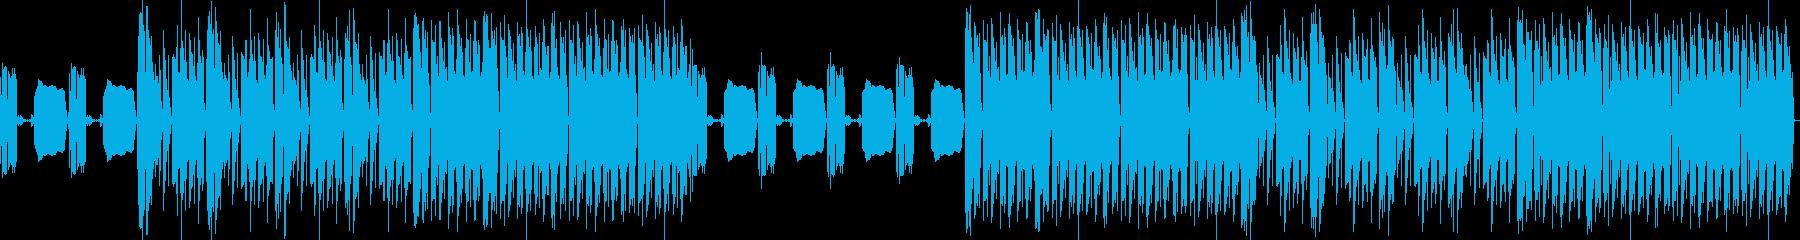 おしゃれ・ロック・EDM・気持ち良い7の再生済みの波形